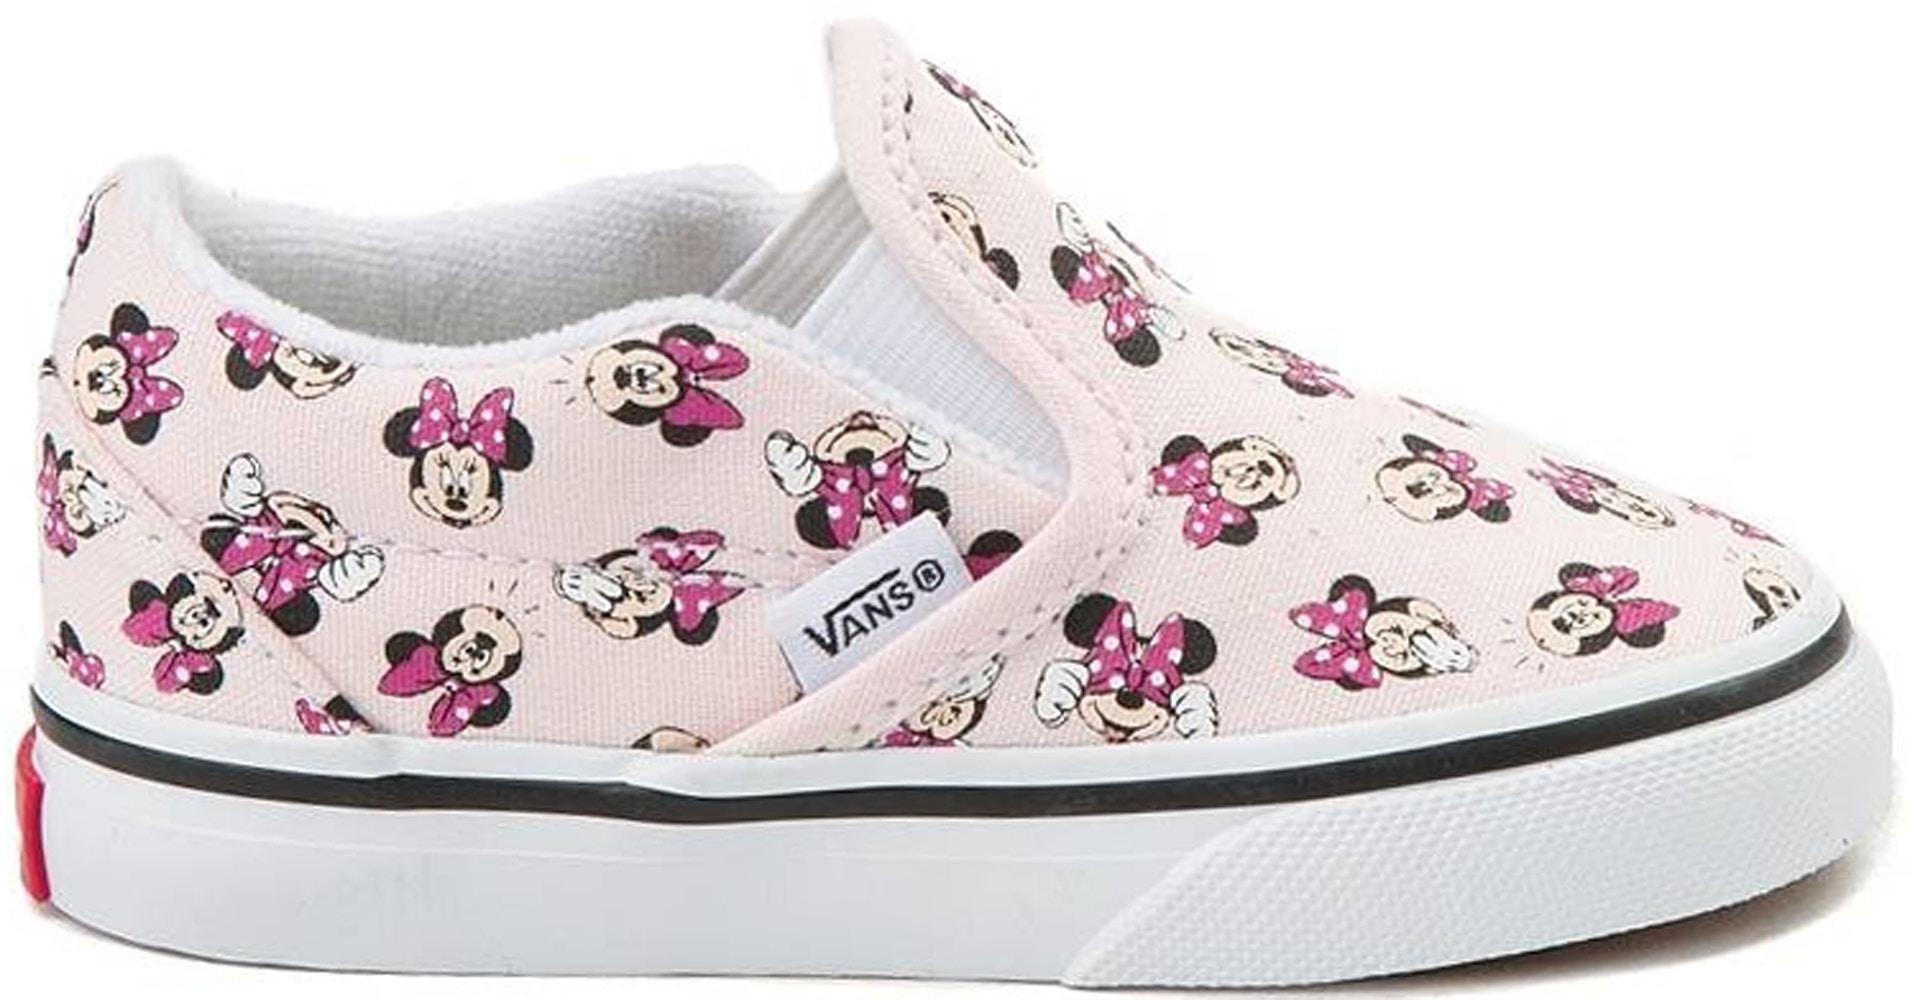 Vans Slip-On Disney Minnie Mouse (TD) - Sneakers